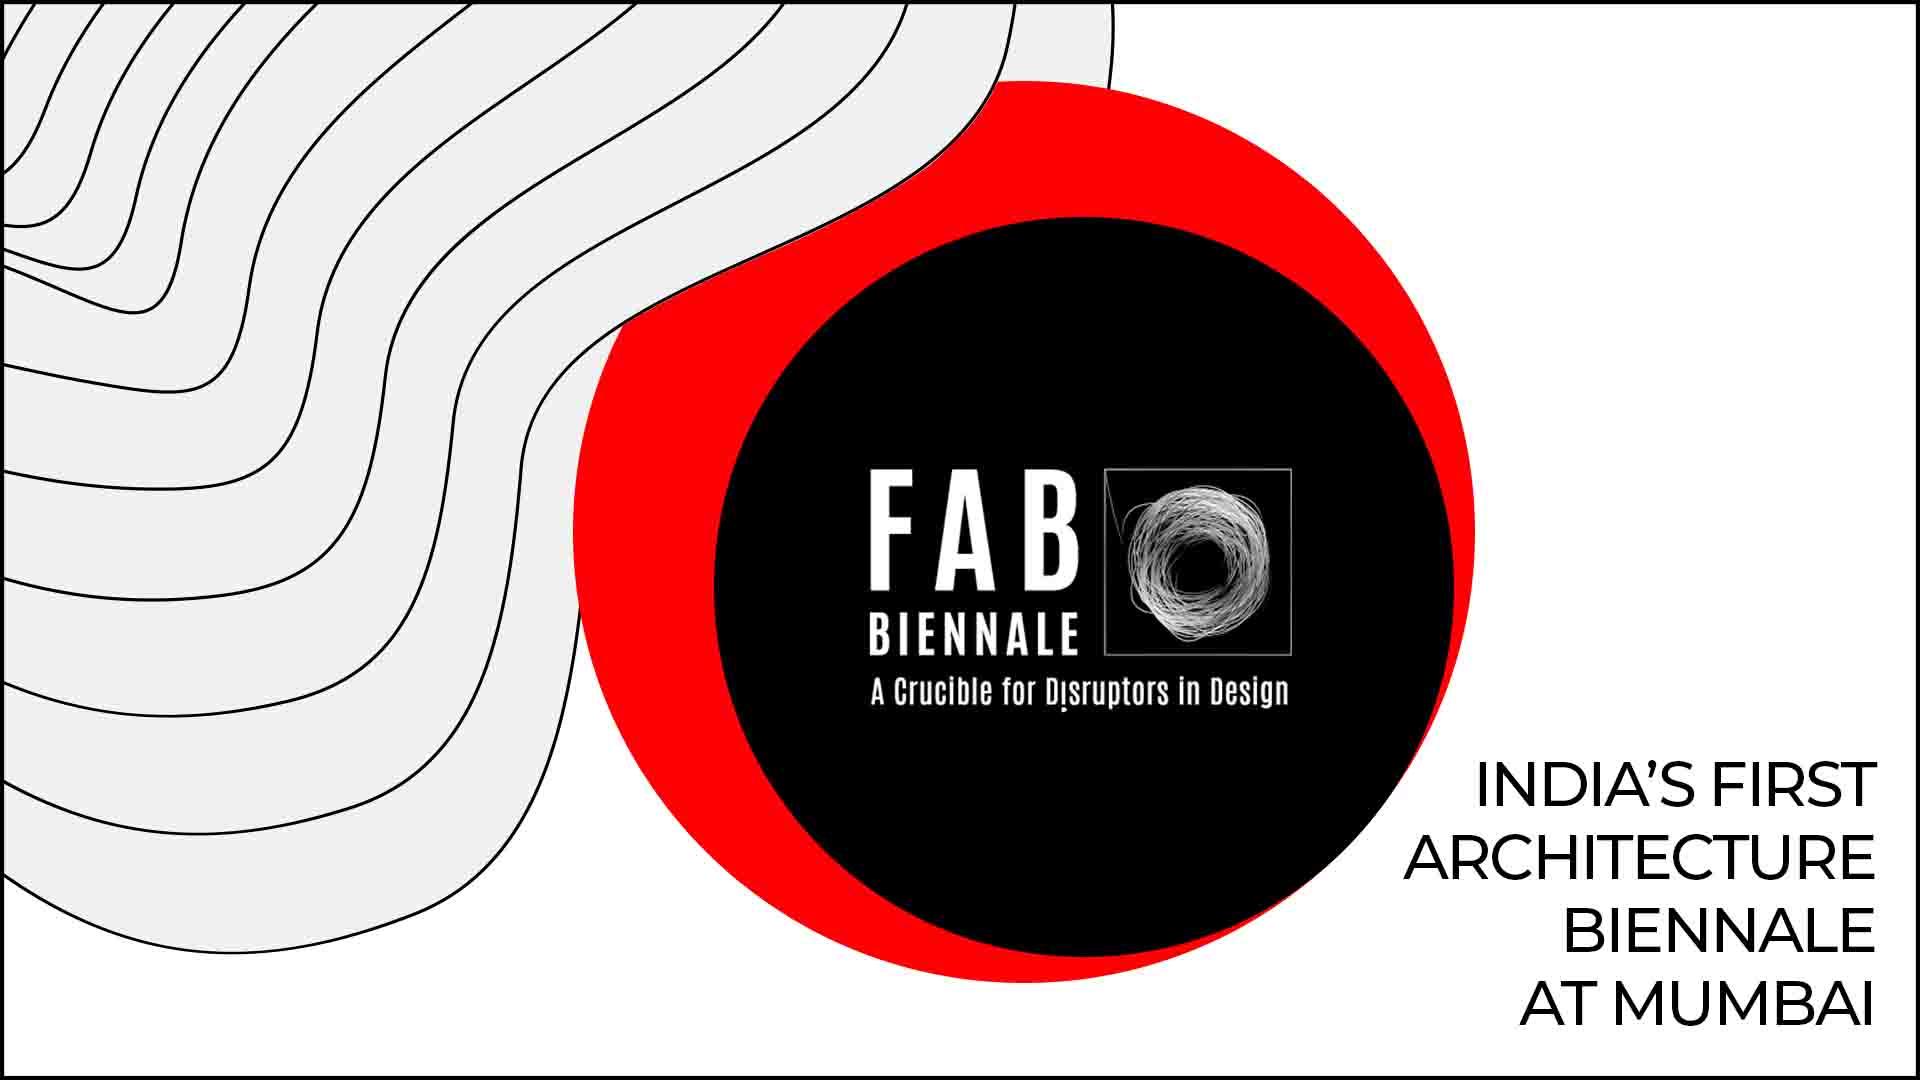 FAB Biennale